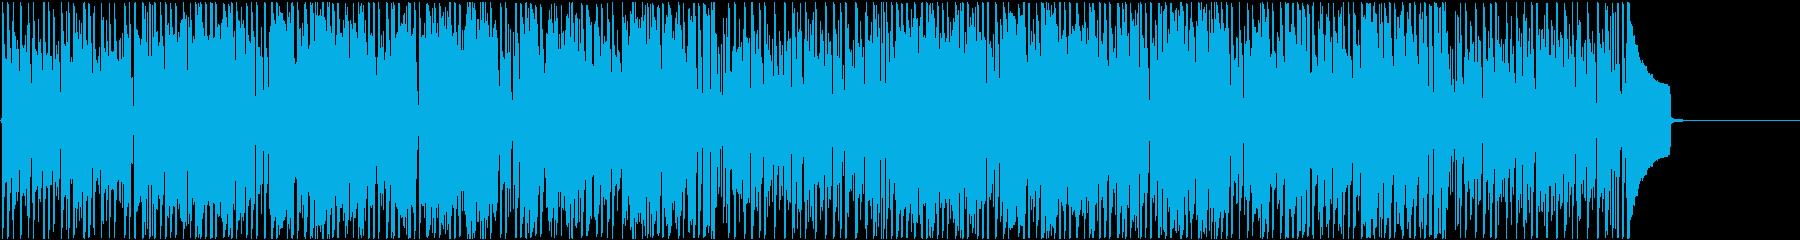 ファンタジーの街中で流れるBGM の再生済みの波形